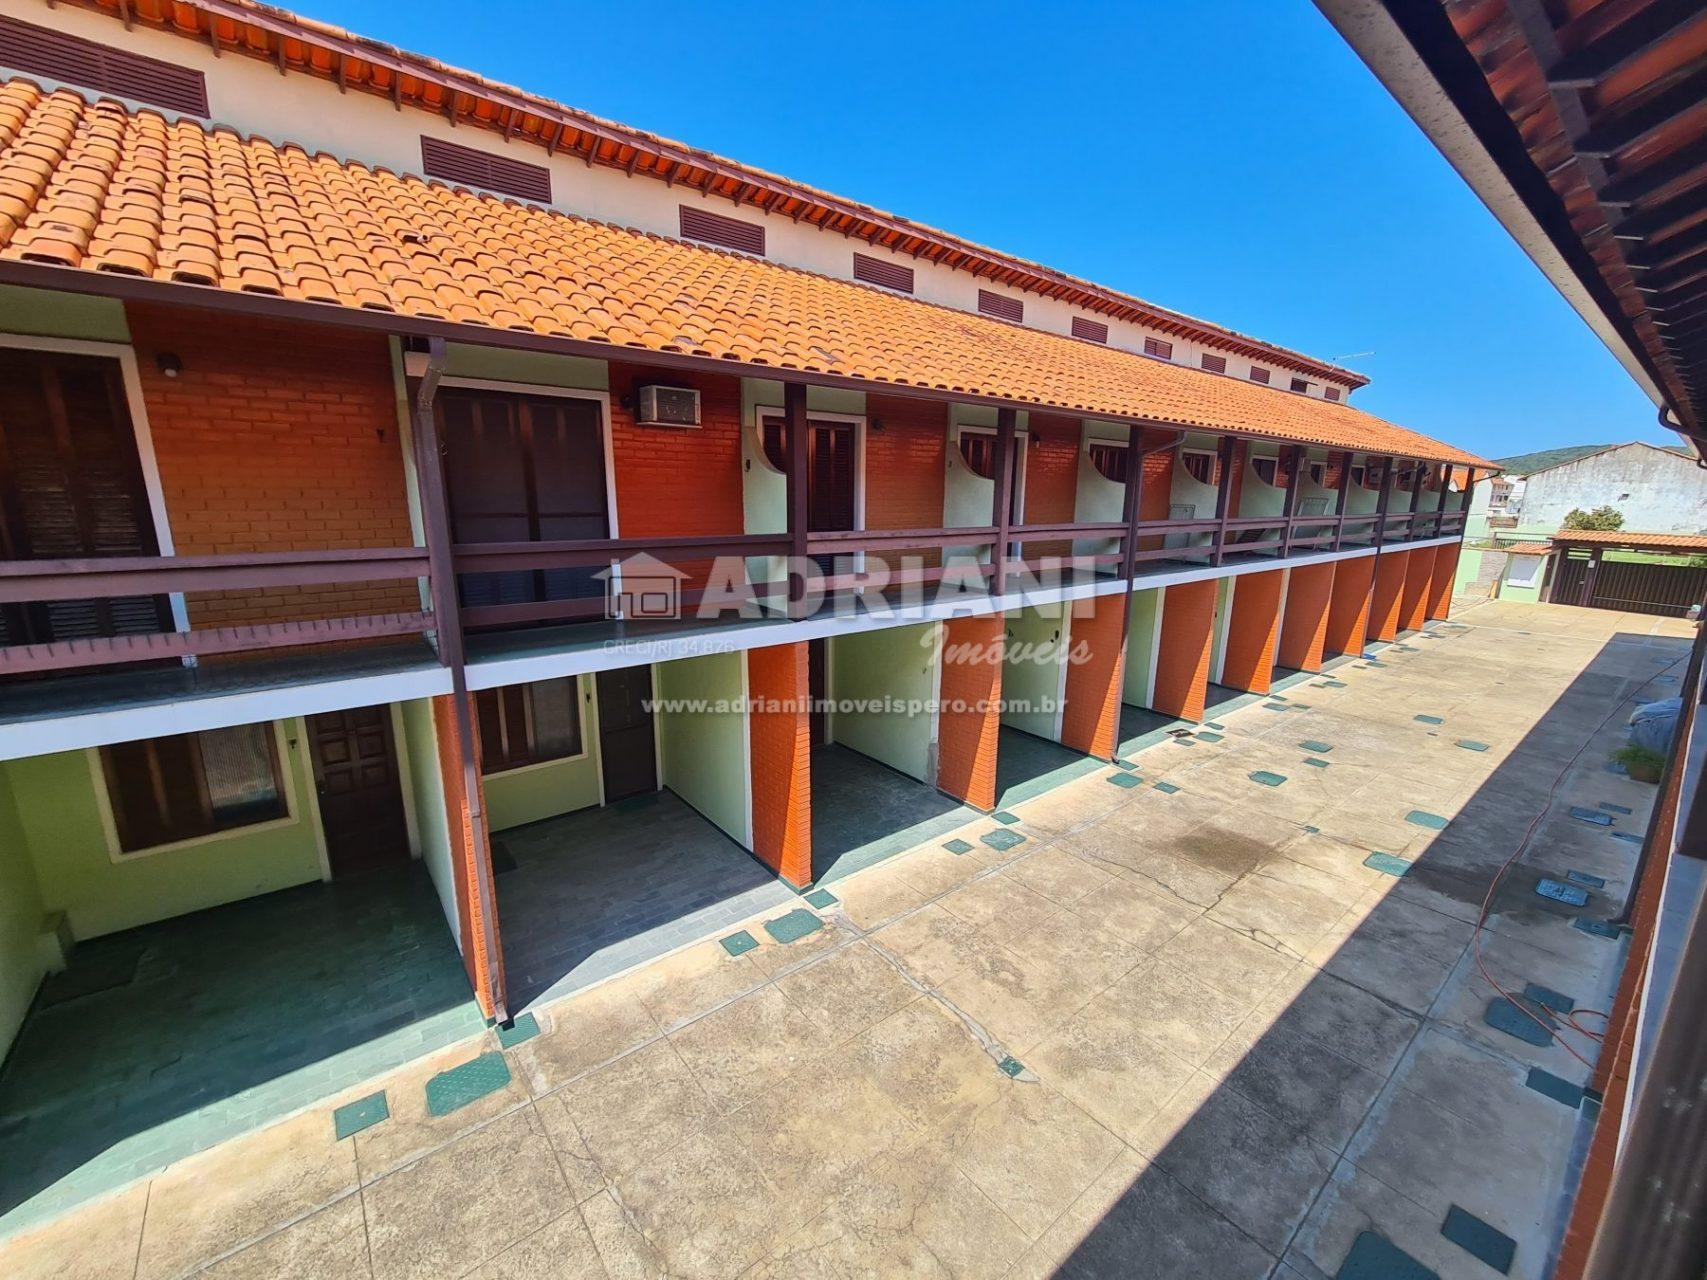 Cód.: 468 Casa em condomínio com 3 quartos, VENDA, Peró, Cabo Frio – RJ